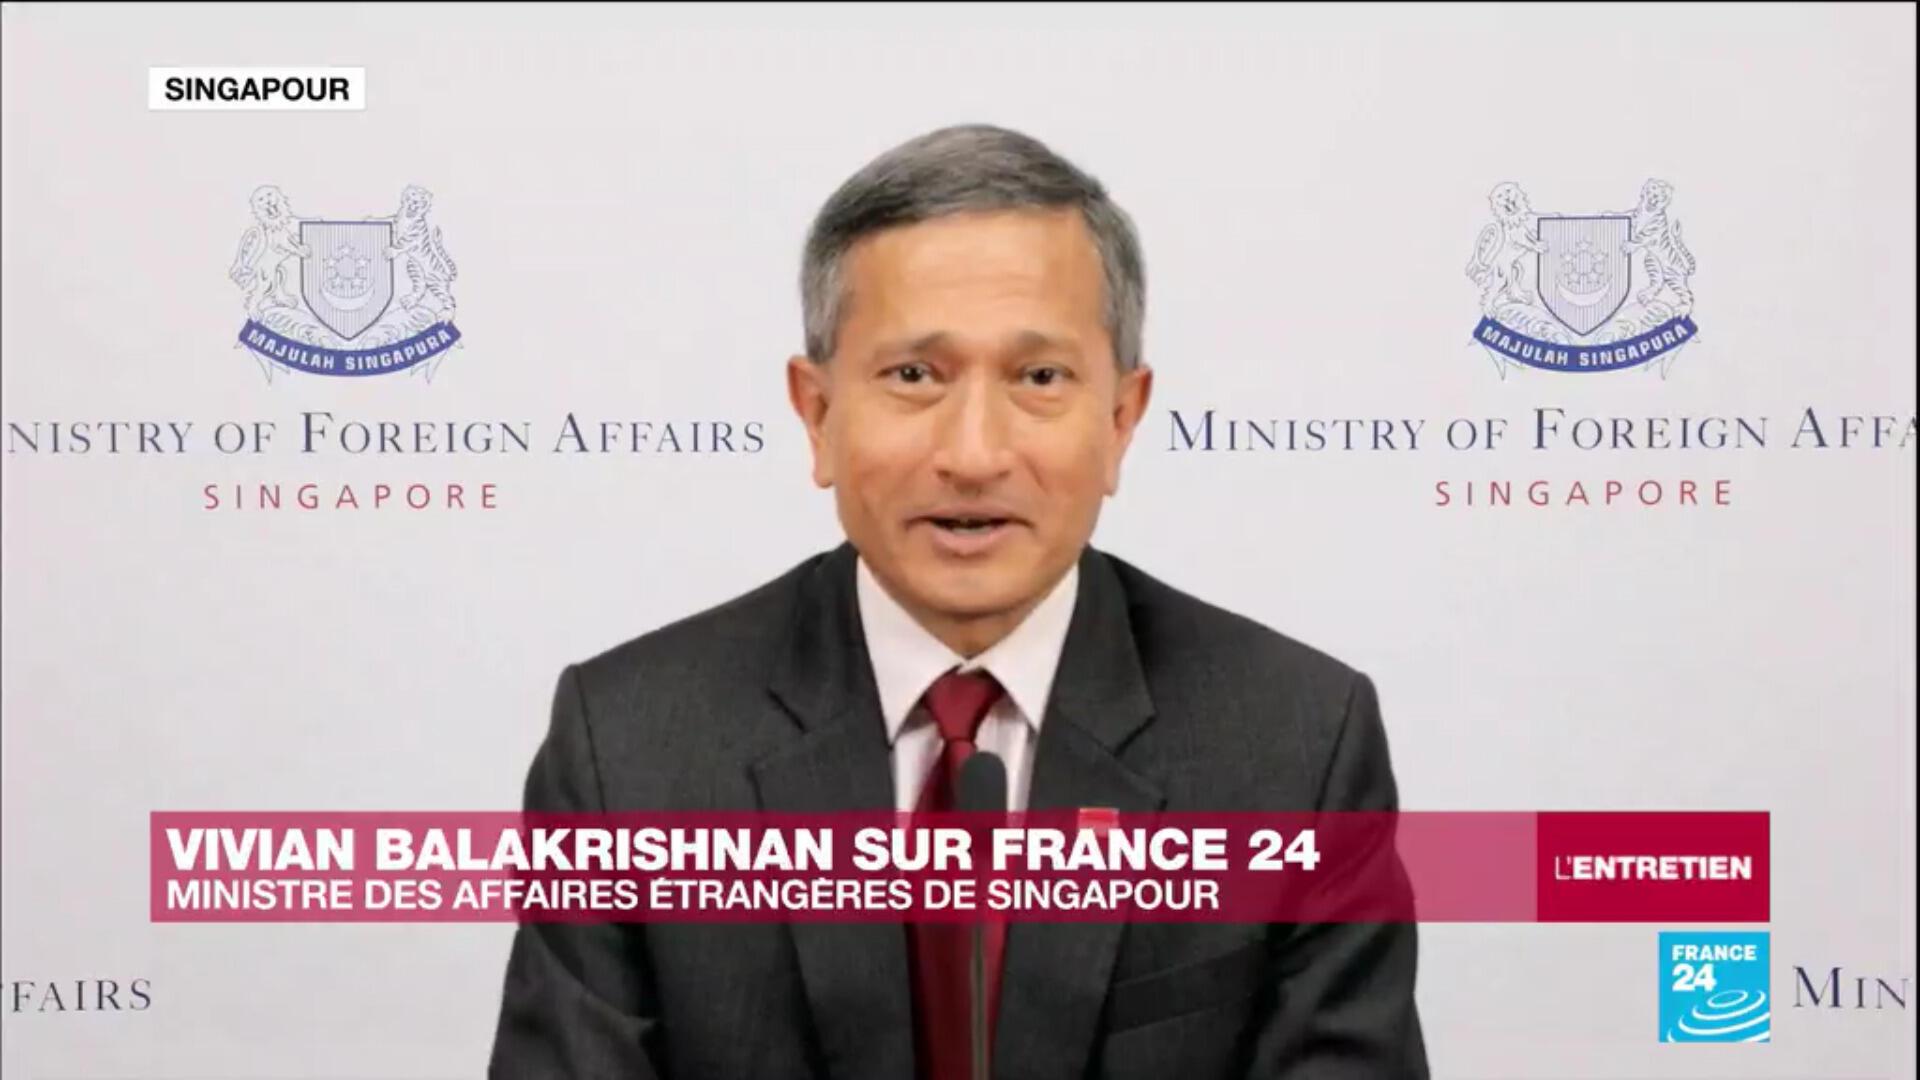 Vivian Balakrishnan, ministre des Affaires étrangères de Singapour